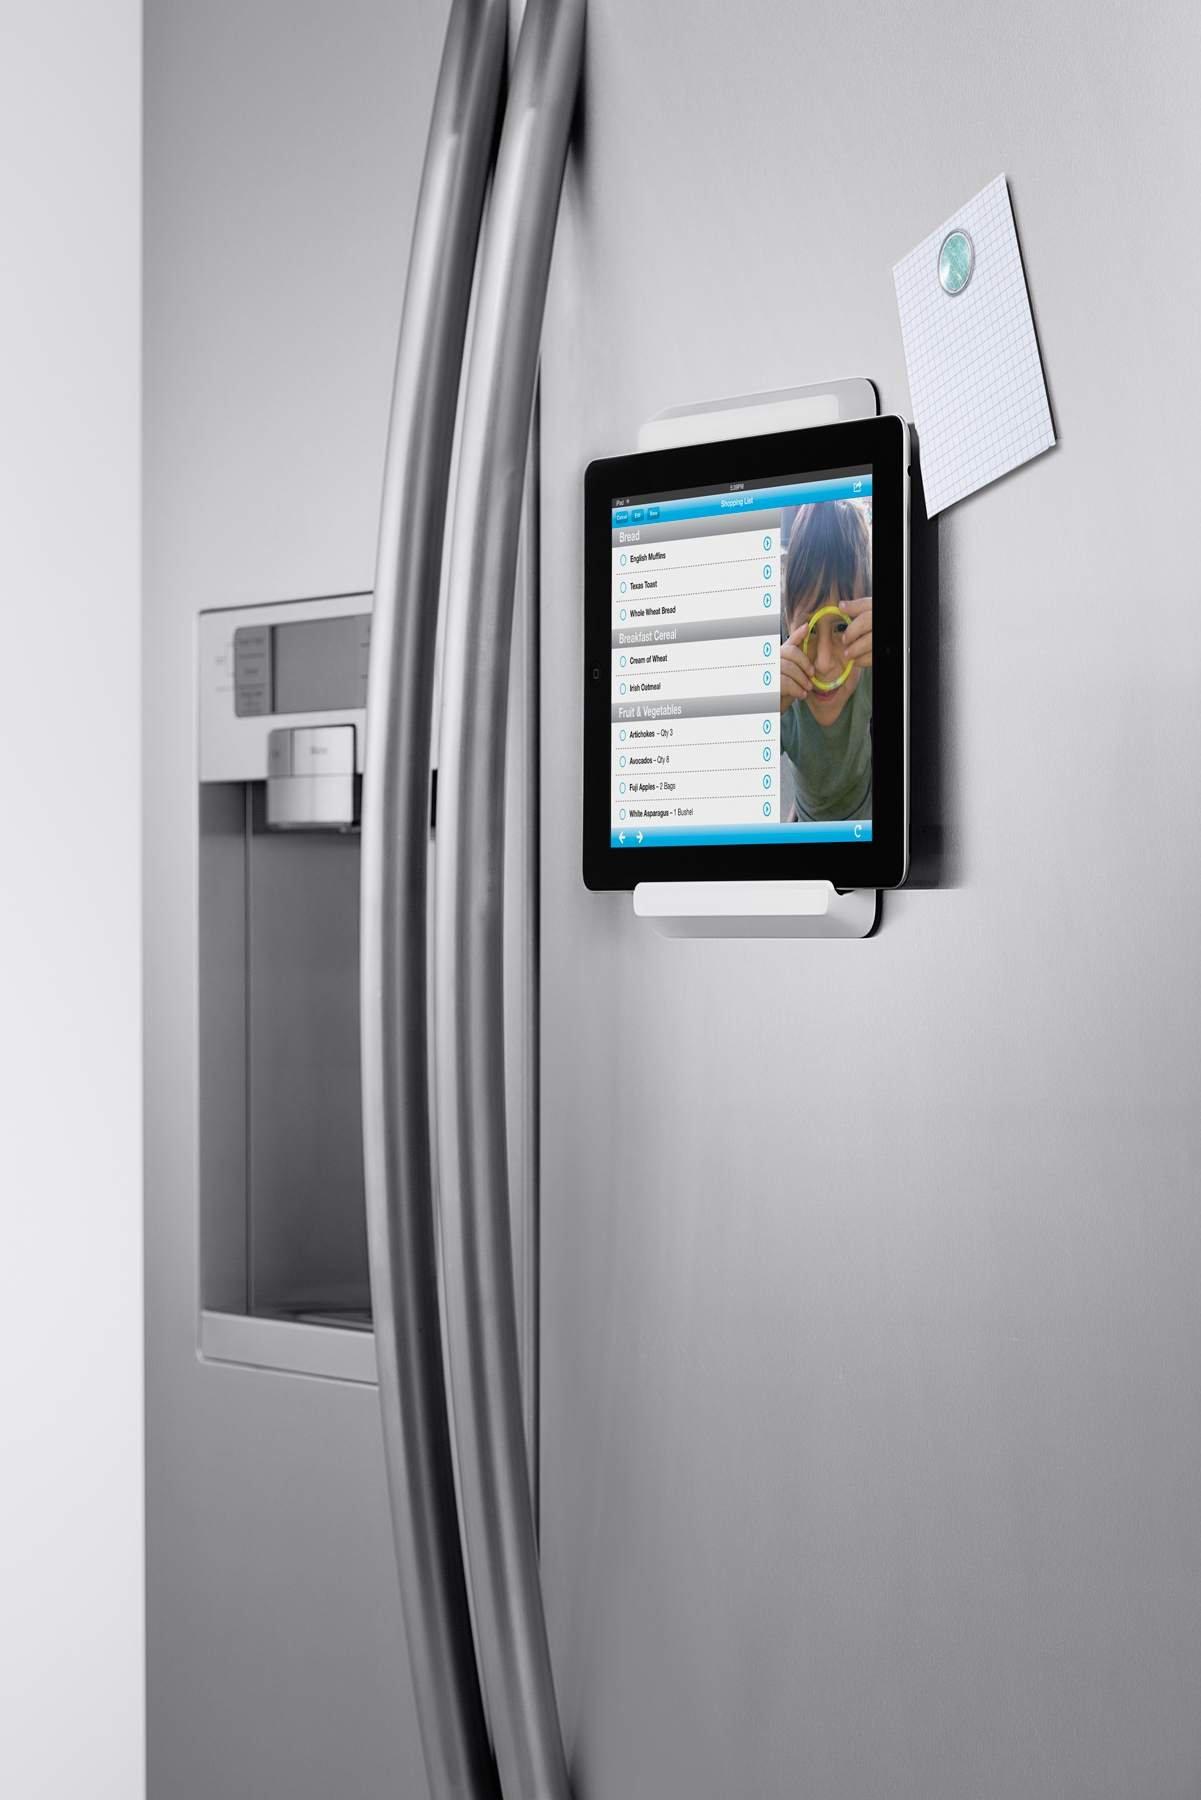 Belkin F5L098CW - Soporte para frigorífico para iPad 2: Amazon.es: Informática